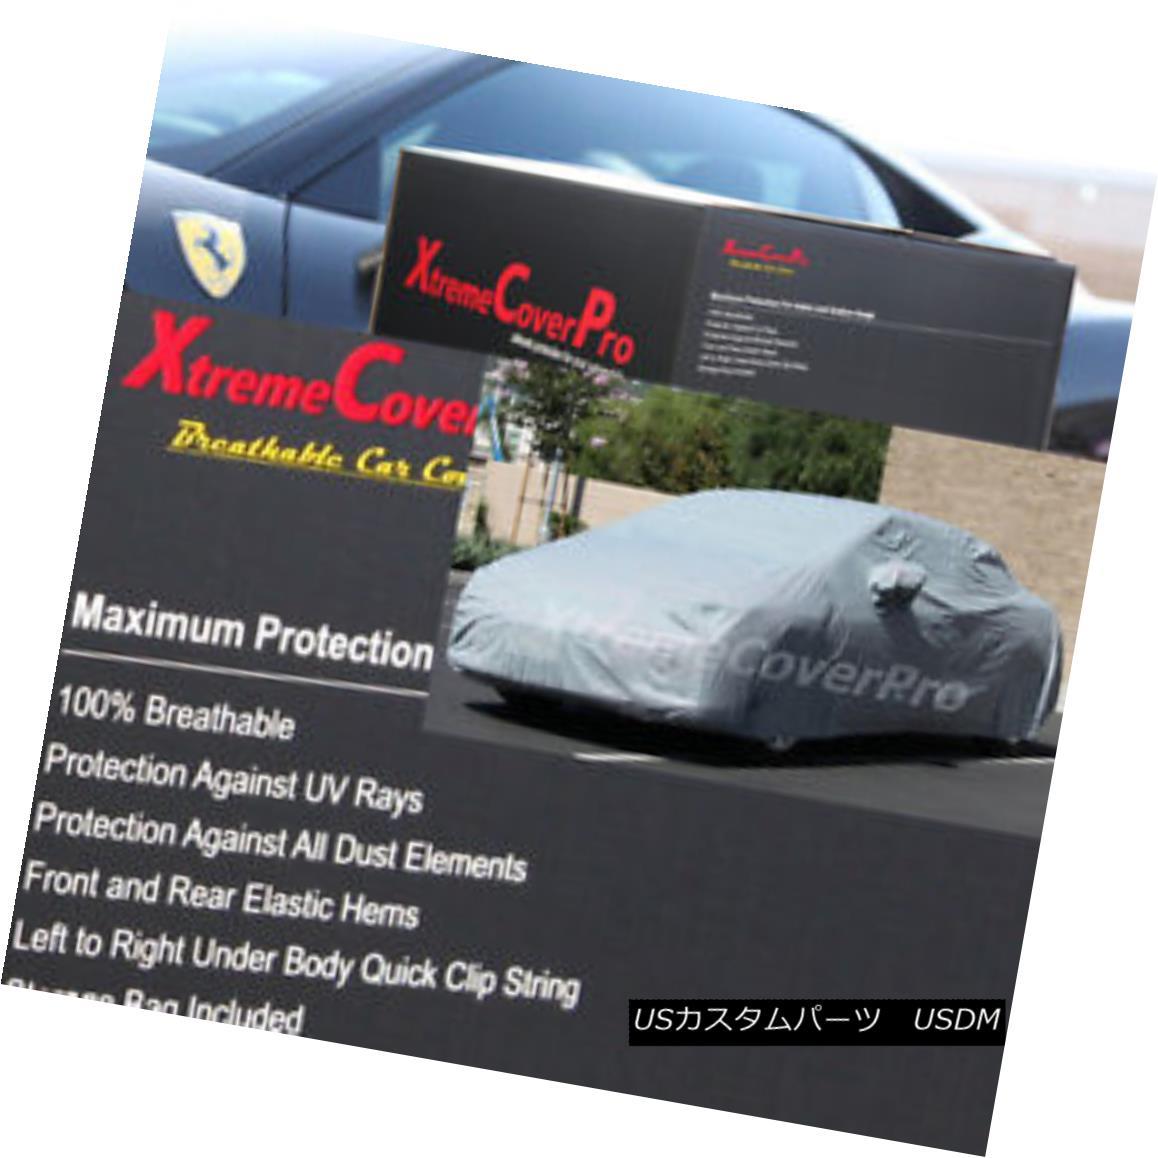 カーカバー 1999 2000 2001 Chrysler LHS Breathable Car Cover w/MirrorPocket 1999 2000 2001 Chrysler LHS通気性車カバー付き/ MirrorPocket